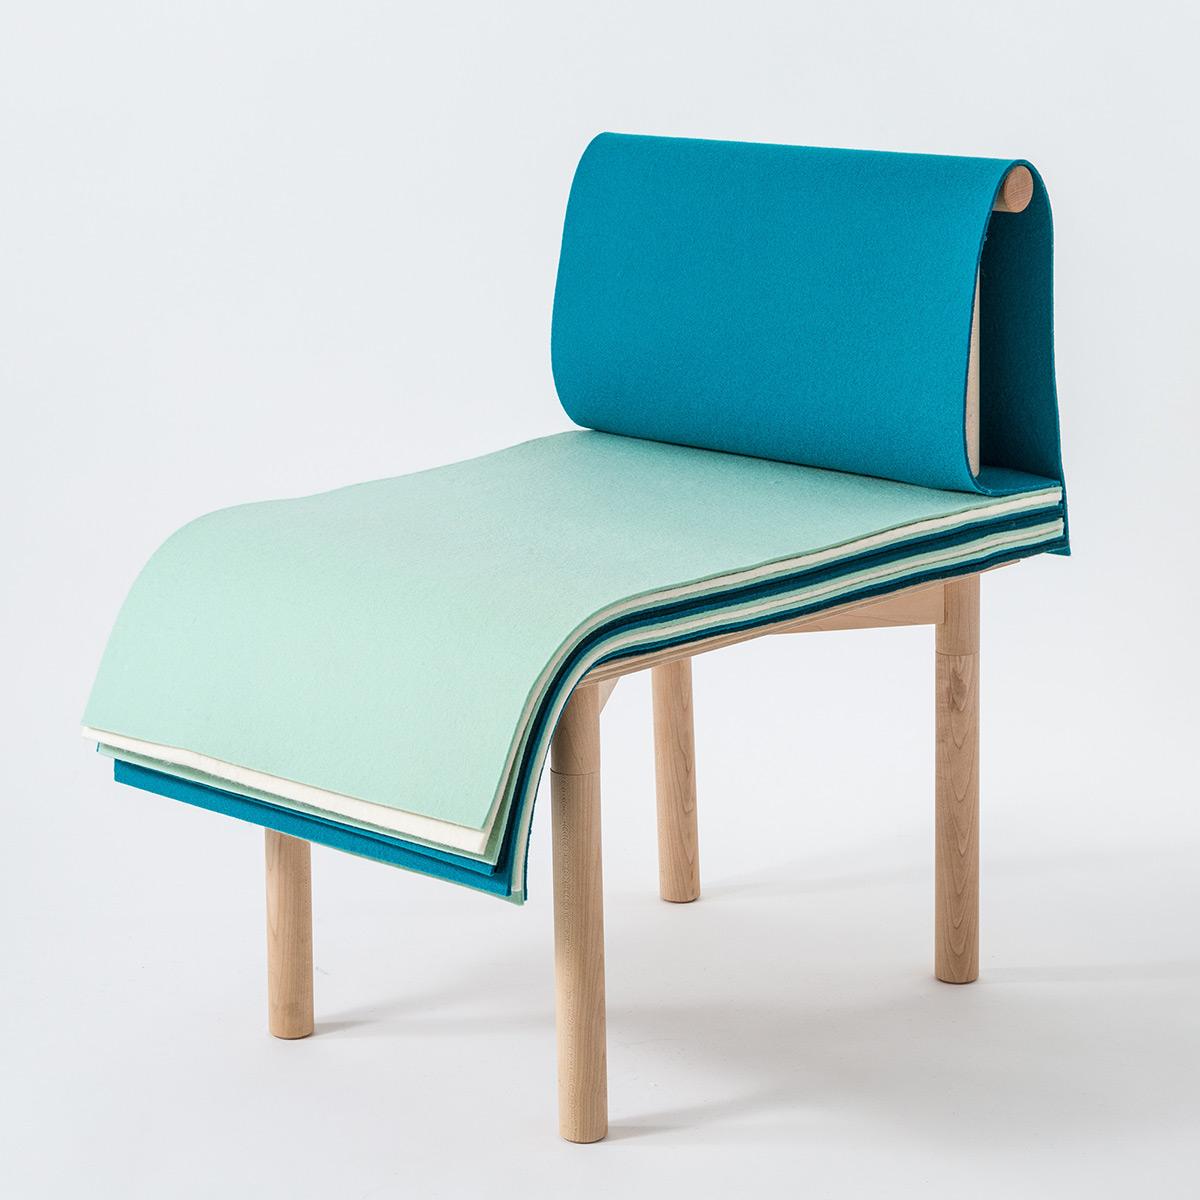 Pages-chair-Noriko-Hashida-05